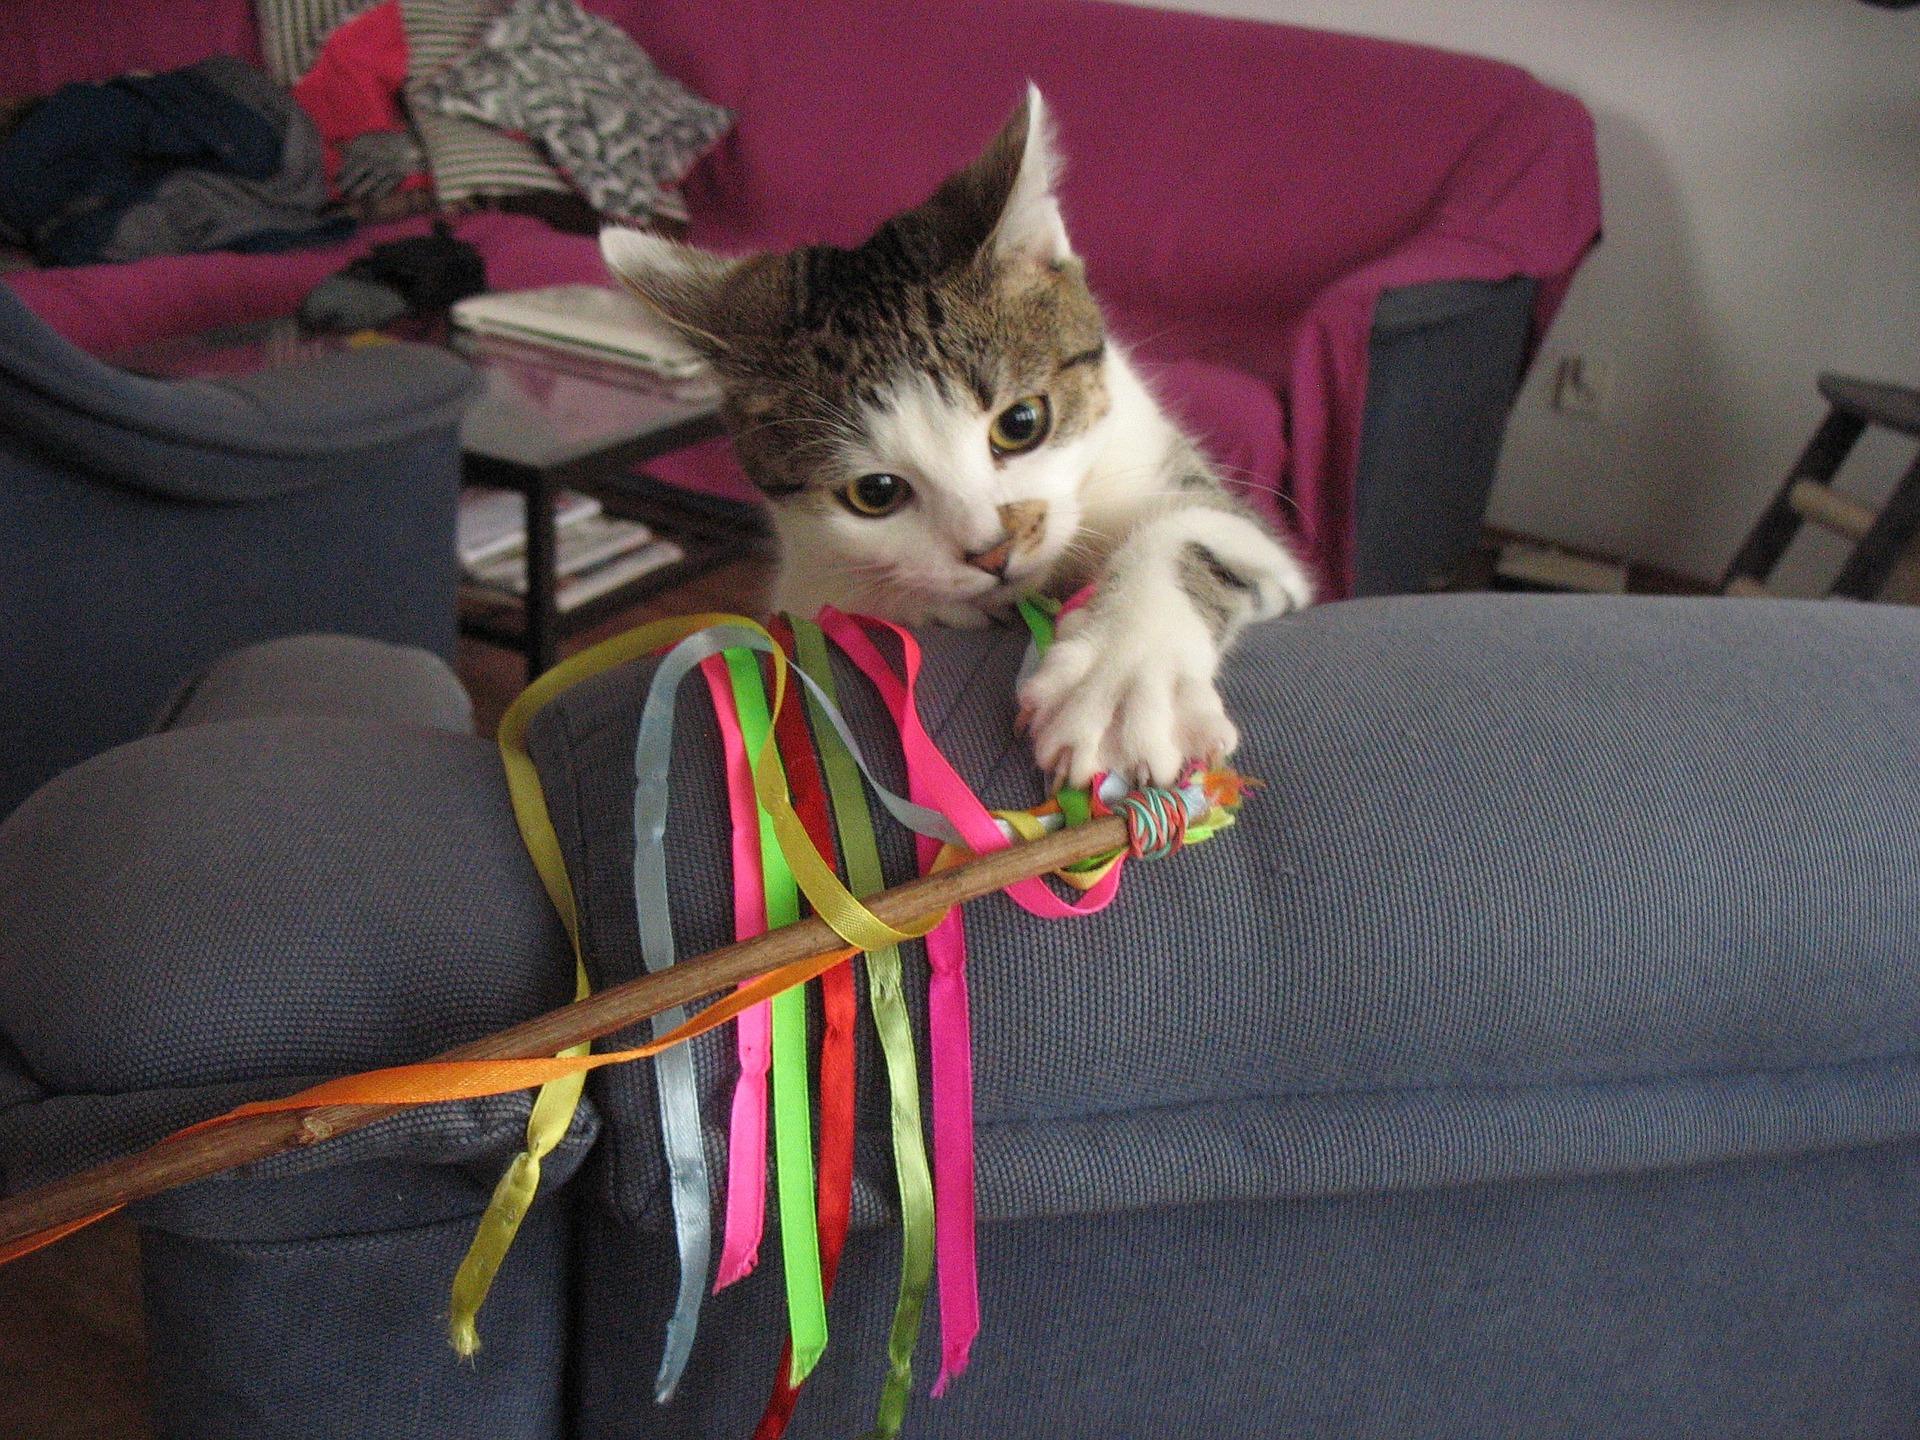 Zabawa jest dla kotów bardzo ważna, pozwala zaspokoić komfort psychiczny i stabilność emocjonalną. Można wprowadzać różne zabawy - wędką, piłeczkami, myszkami, samodzielnie wykonanymi zabawkami lub tymi interaktywnymi.